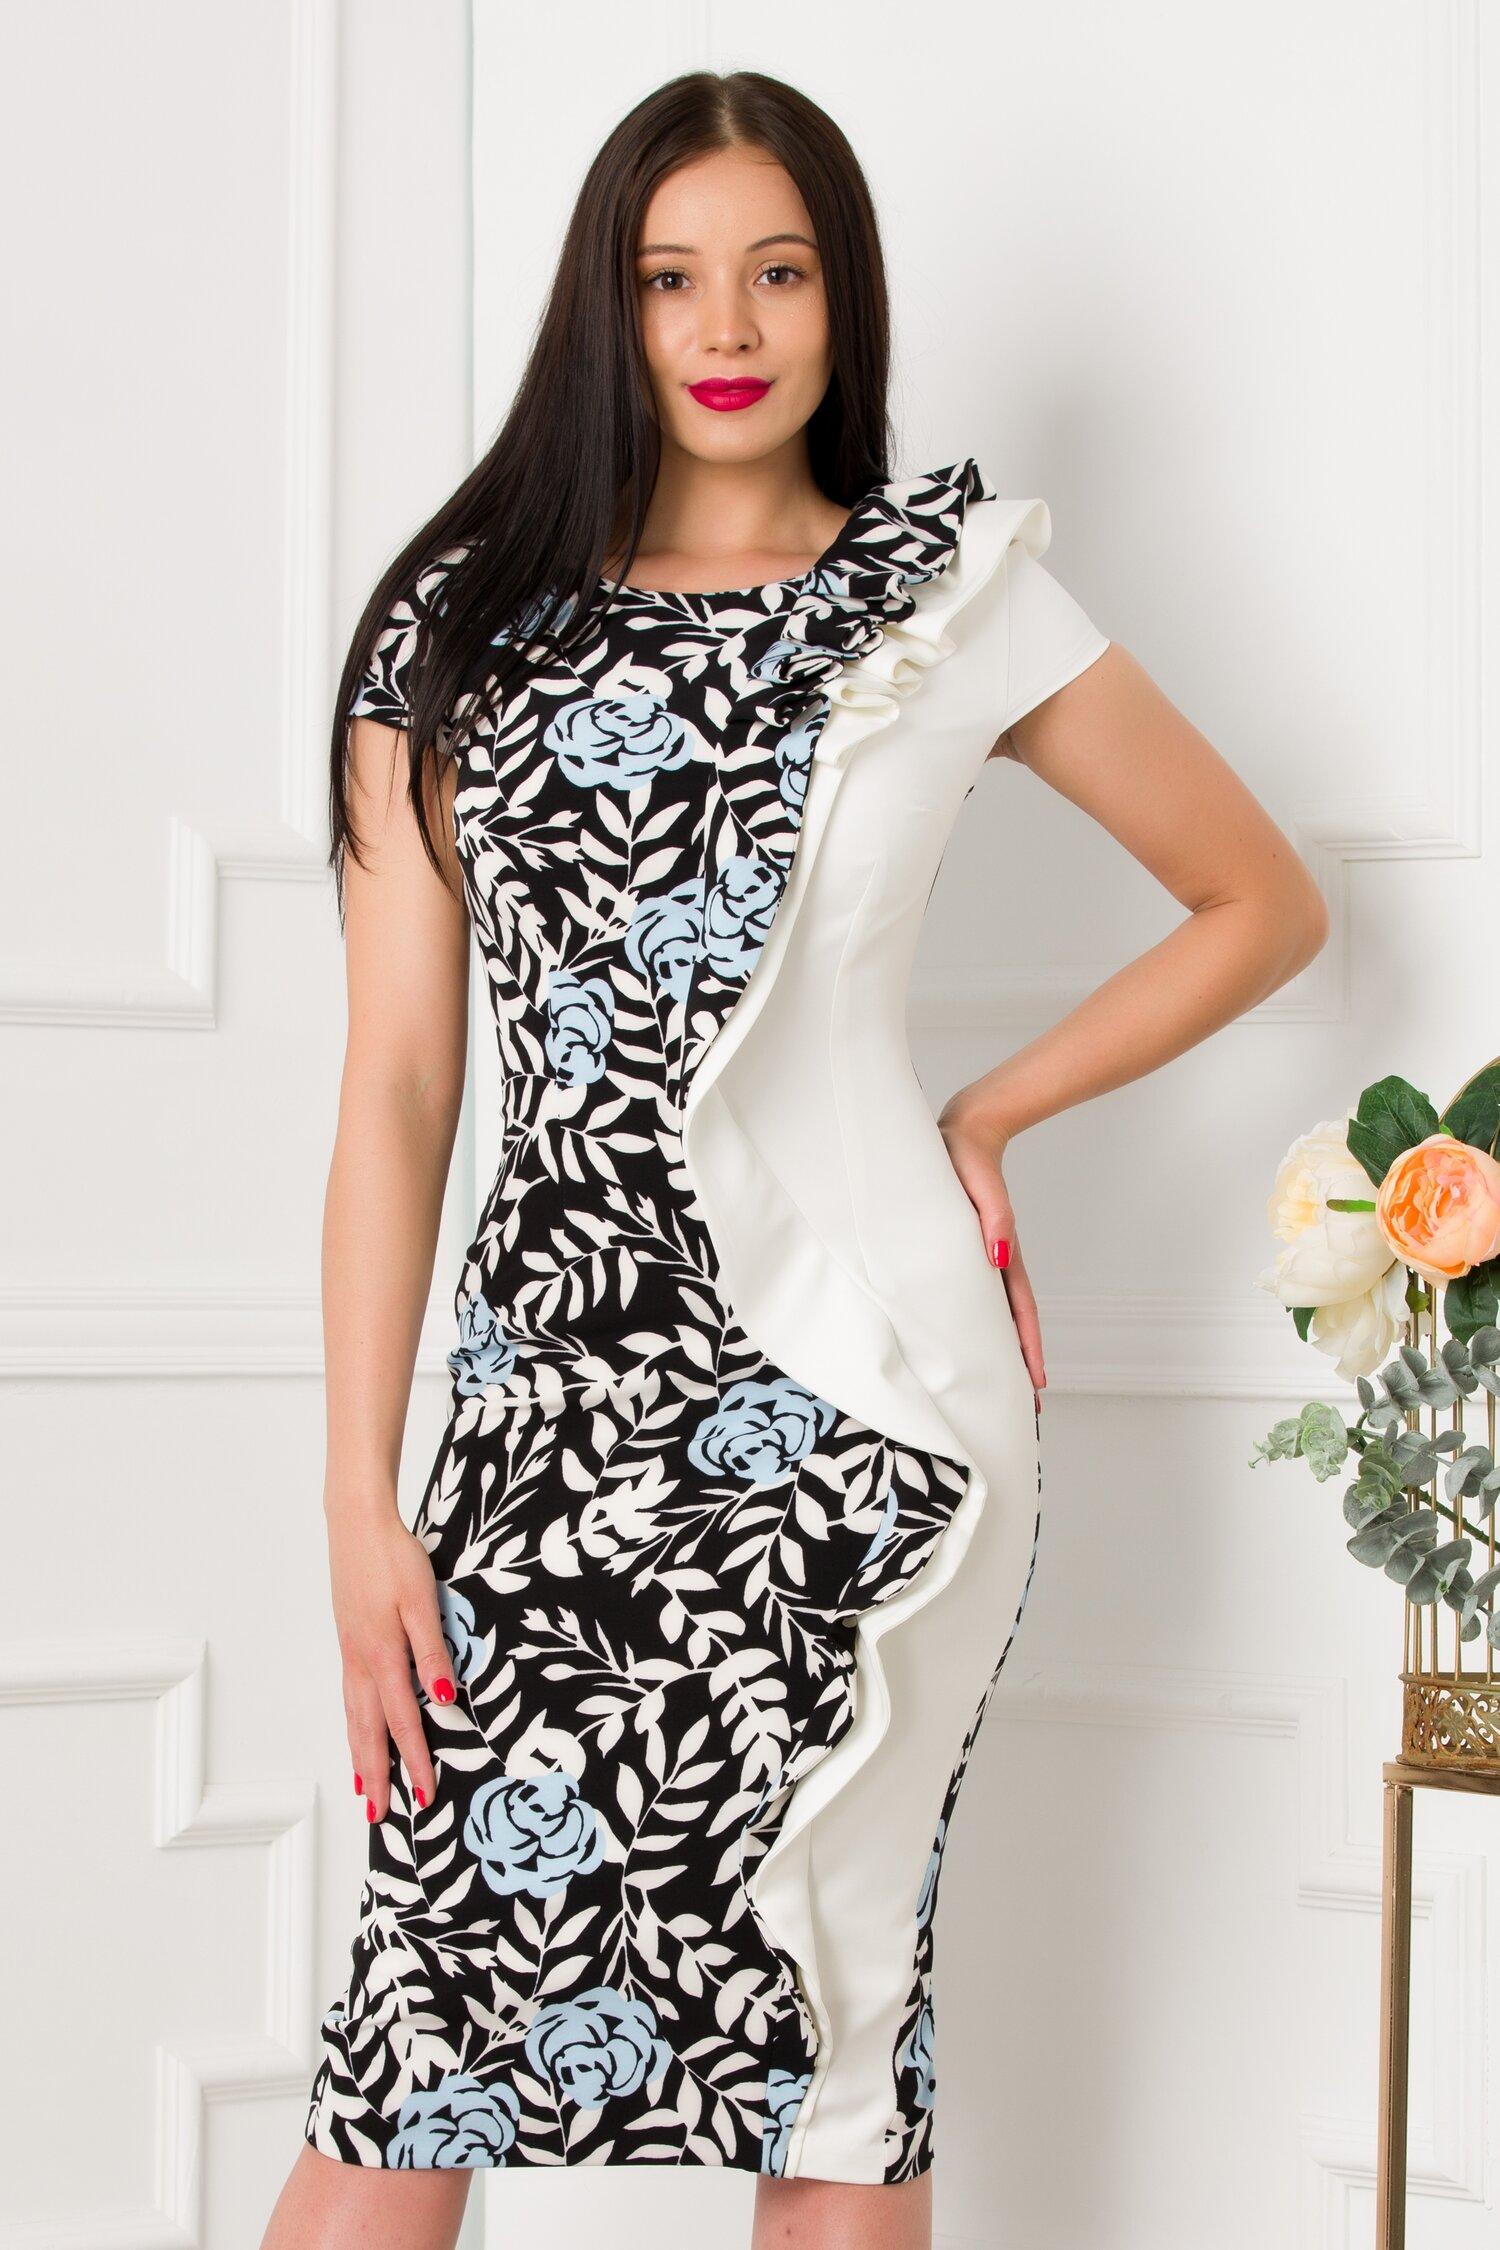 Rochie MBG alb-negru cu imprimeu floral si volane pe fata